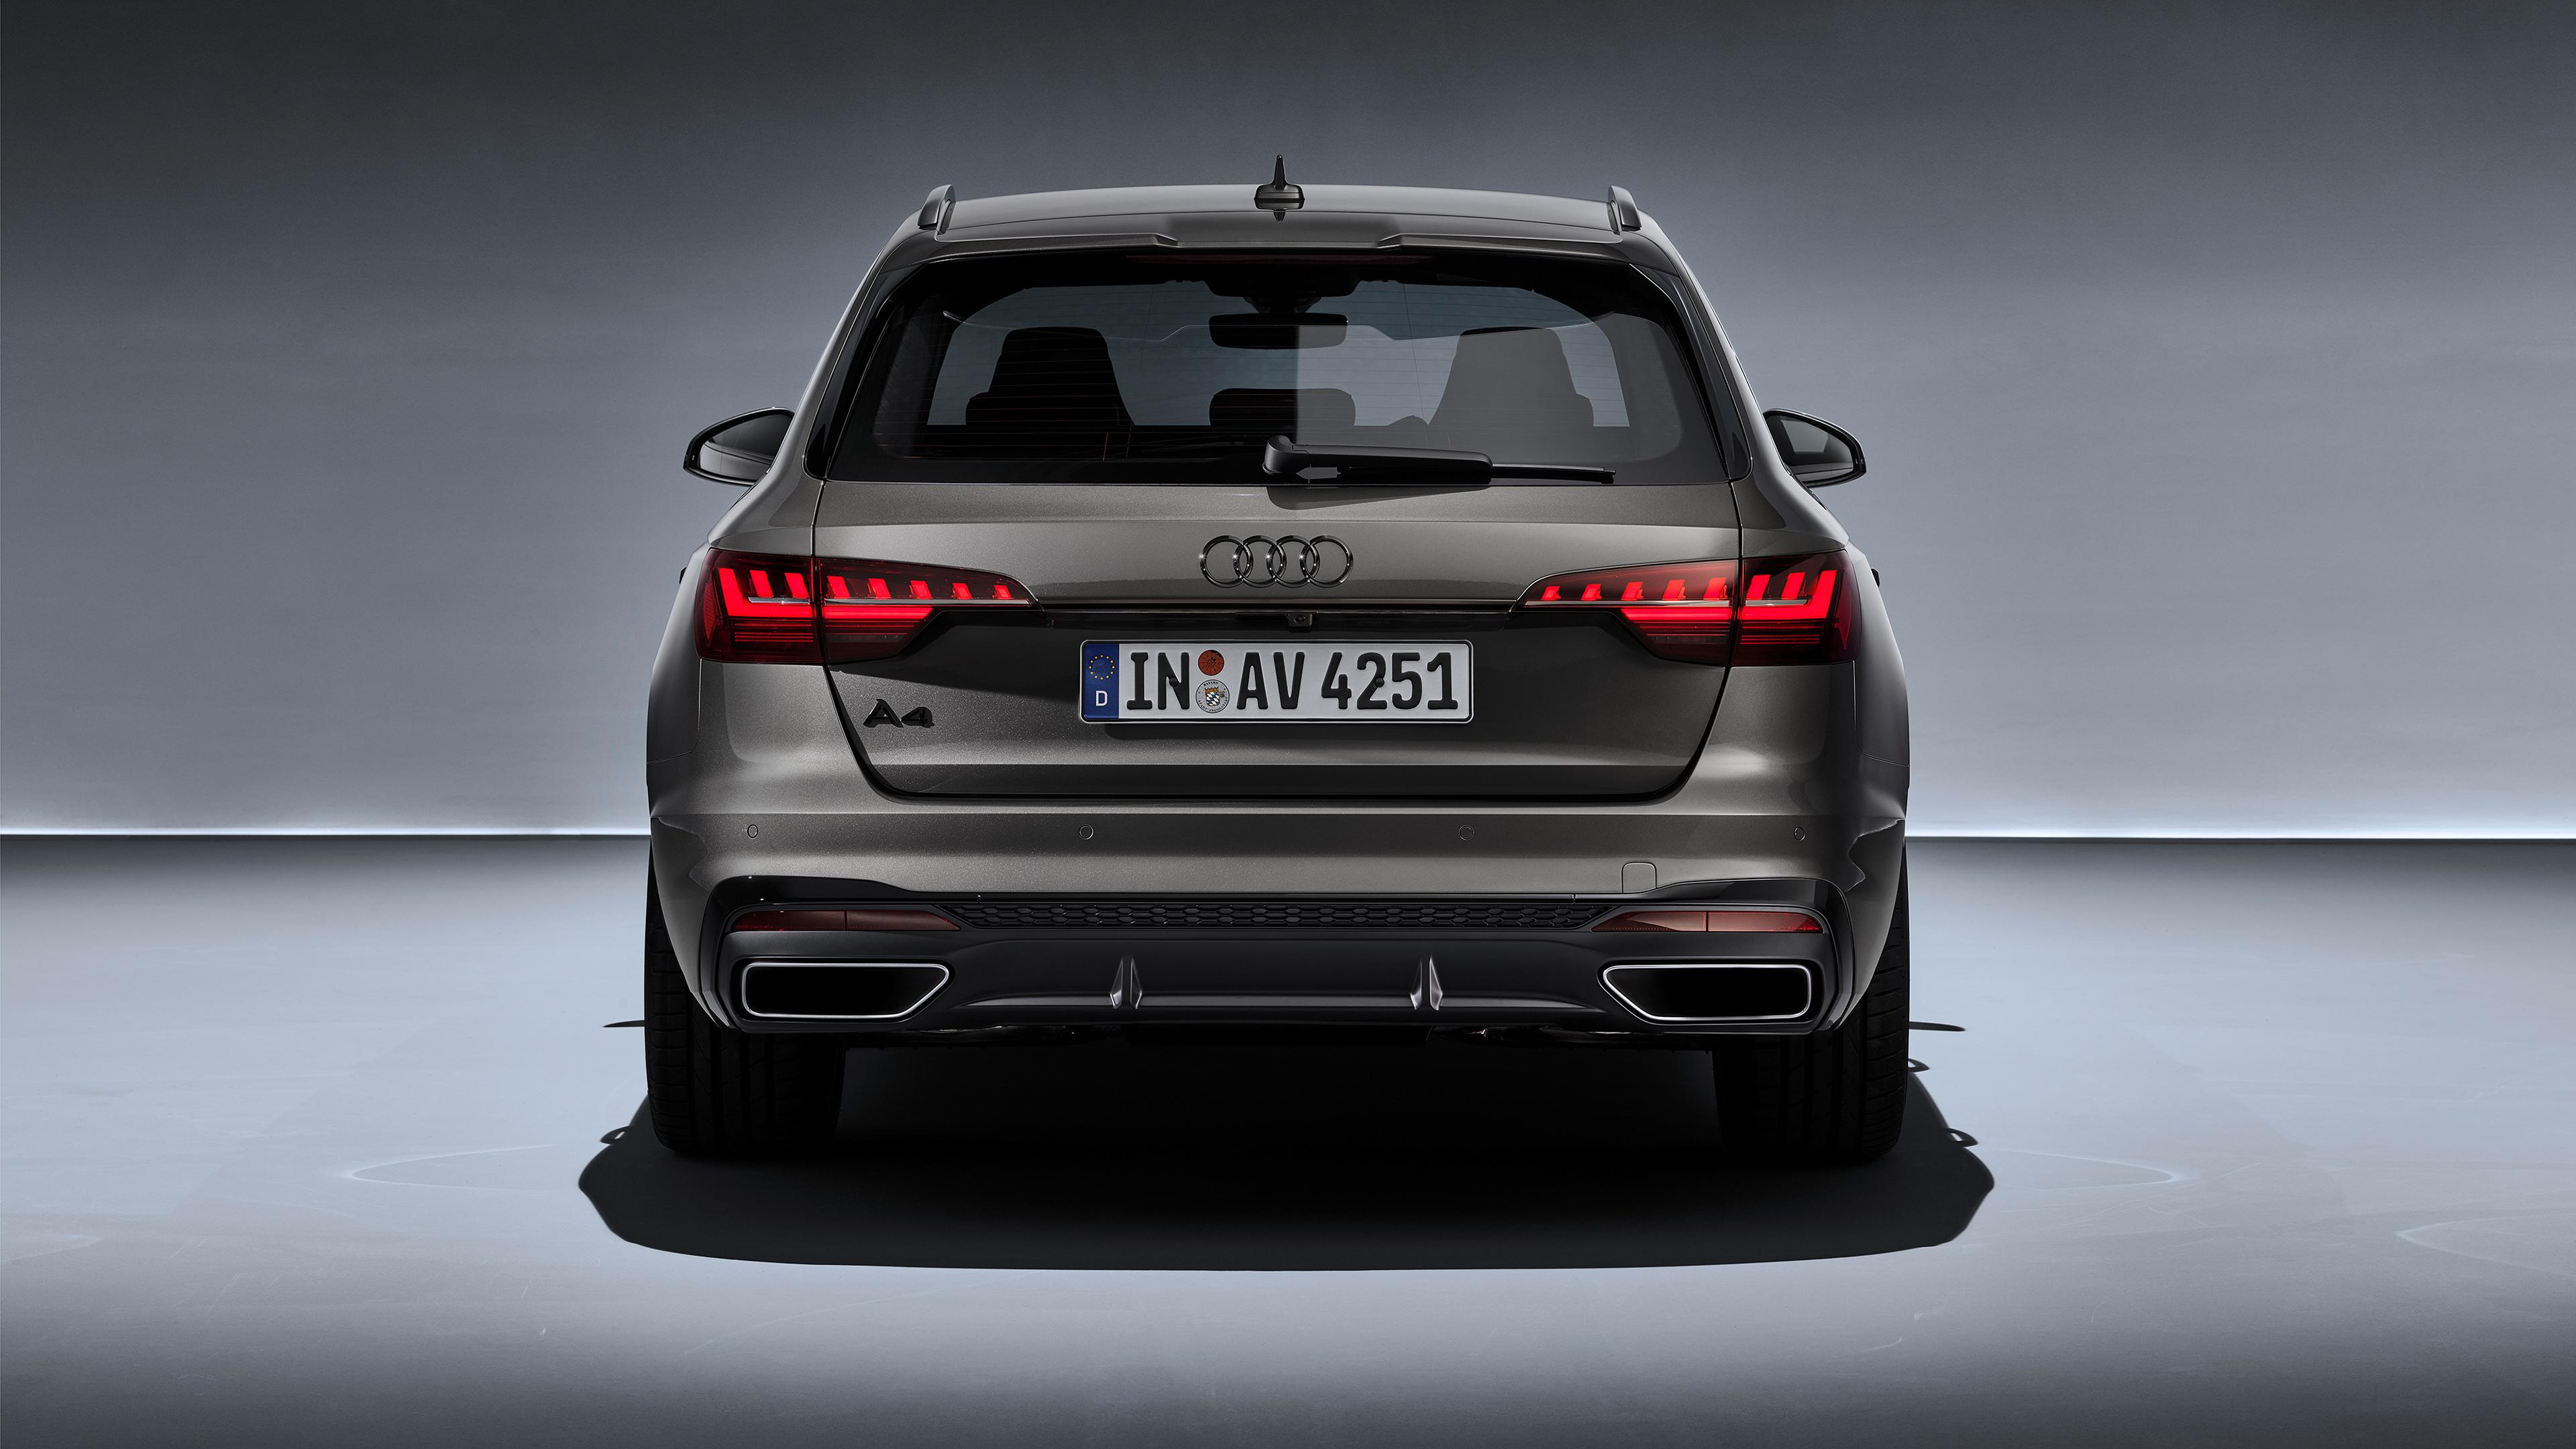 Audi A4 Avant S Line Quattro 2019 4k 2 Wallpaper Hd Car Wallpapers Id 12547